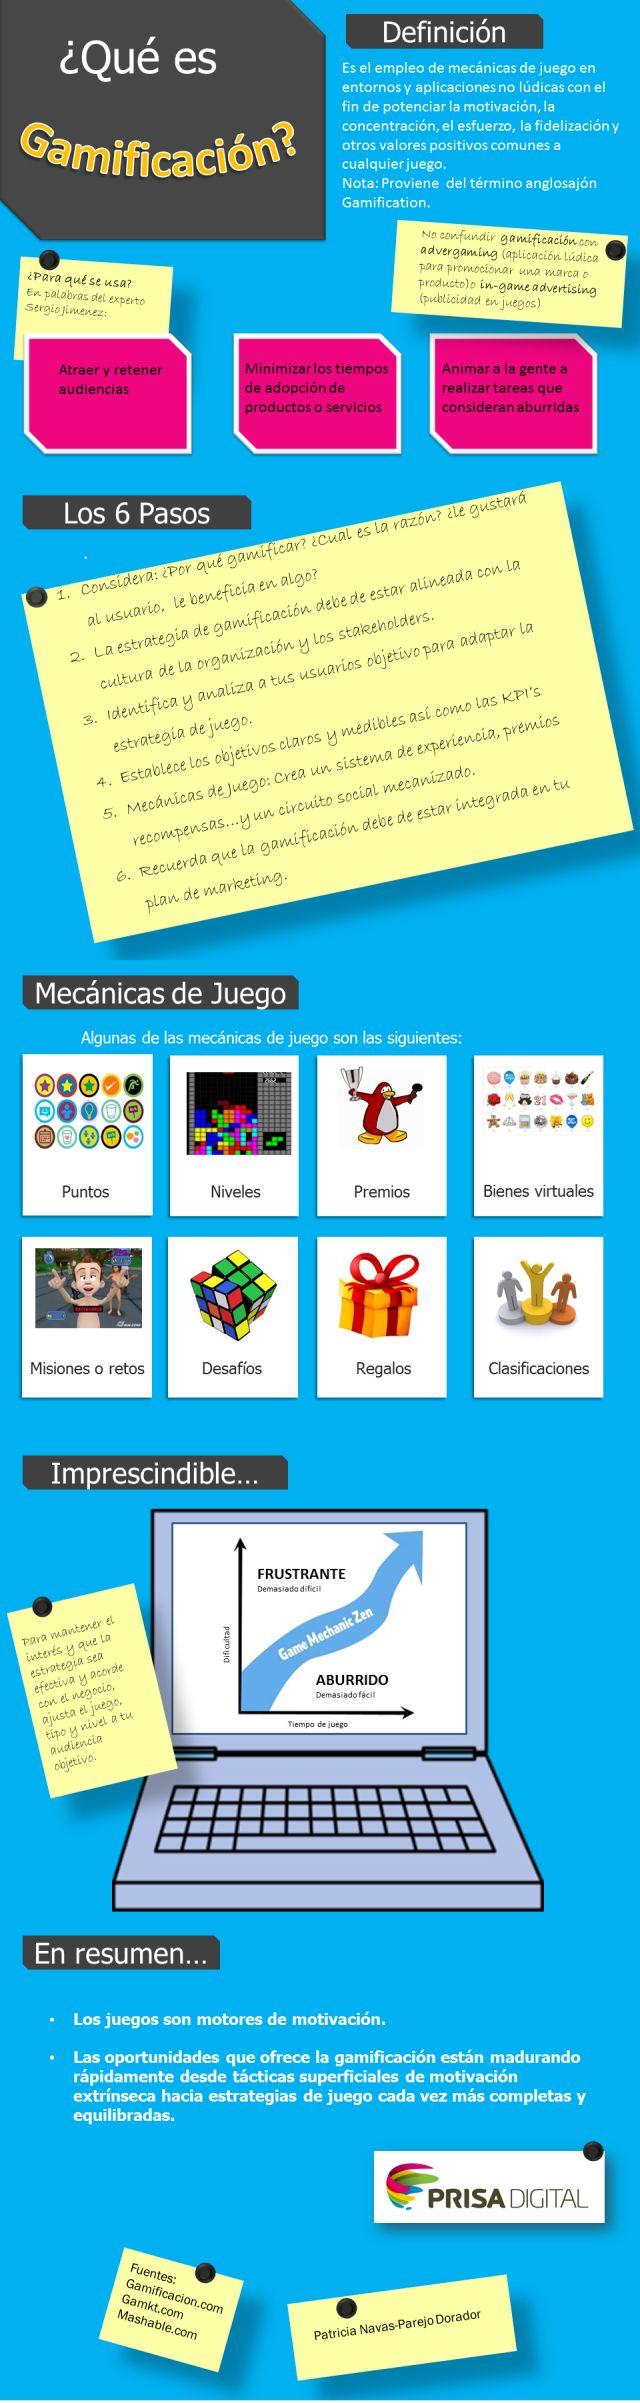 Qué es gamificación #infografia #infographic